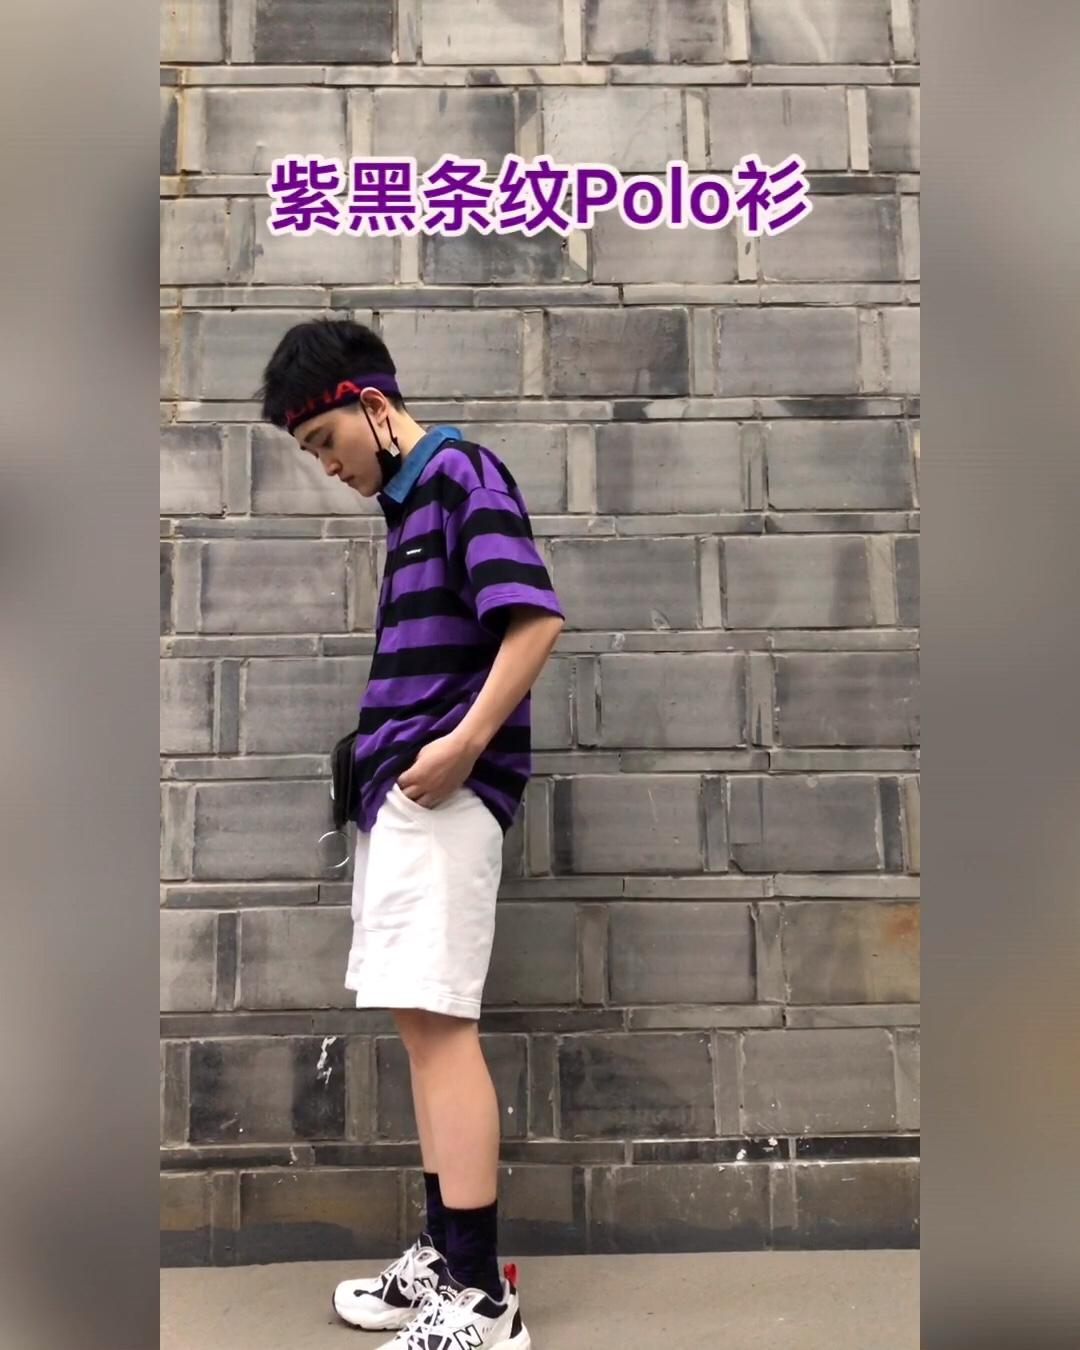 #618一天入手,30天穿搭不重样!# 港风宽松翻领Polo 衫:黑色与紫色的碰撞,这种程度的宽条纹反而显瘦,领口的牛仔布设计让衣服更特别,冷色调在夏天显得比较凉爽。 发带底色也是紫色,有亮色字母点缀,会显得更酷,正好可以搭配这件衣服。 裤子可以选择牛仔裤或黑色的工装裤,这次特意搭配了白色运动裤,和上衣颜色对比会使整体更加鲜明,比起深色裤子整体没那么闷